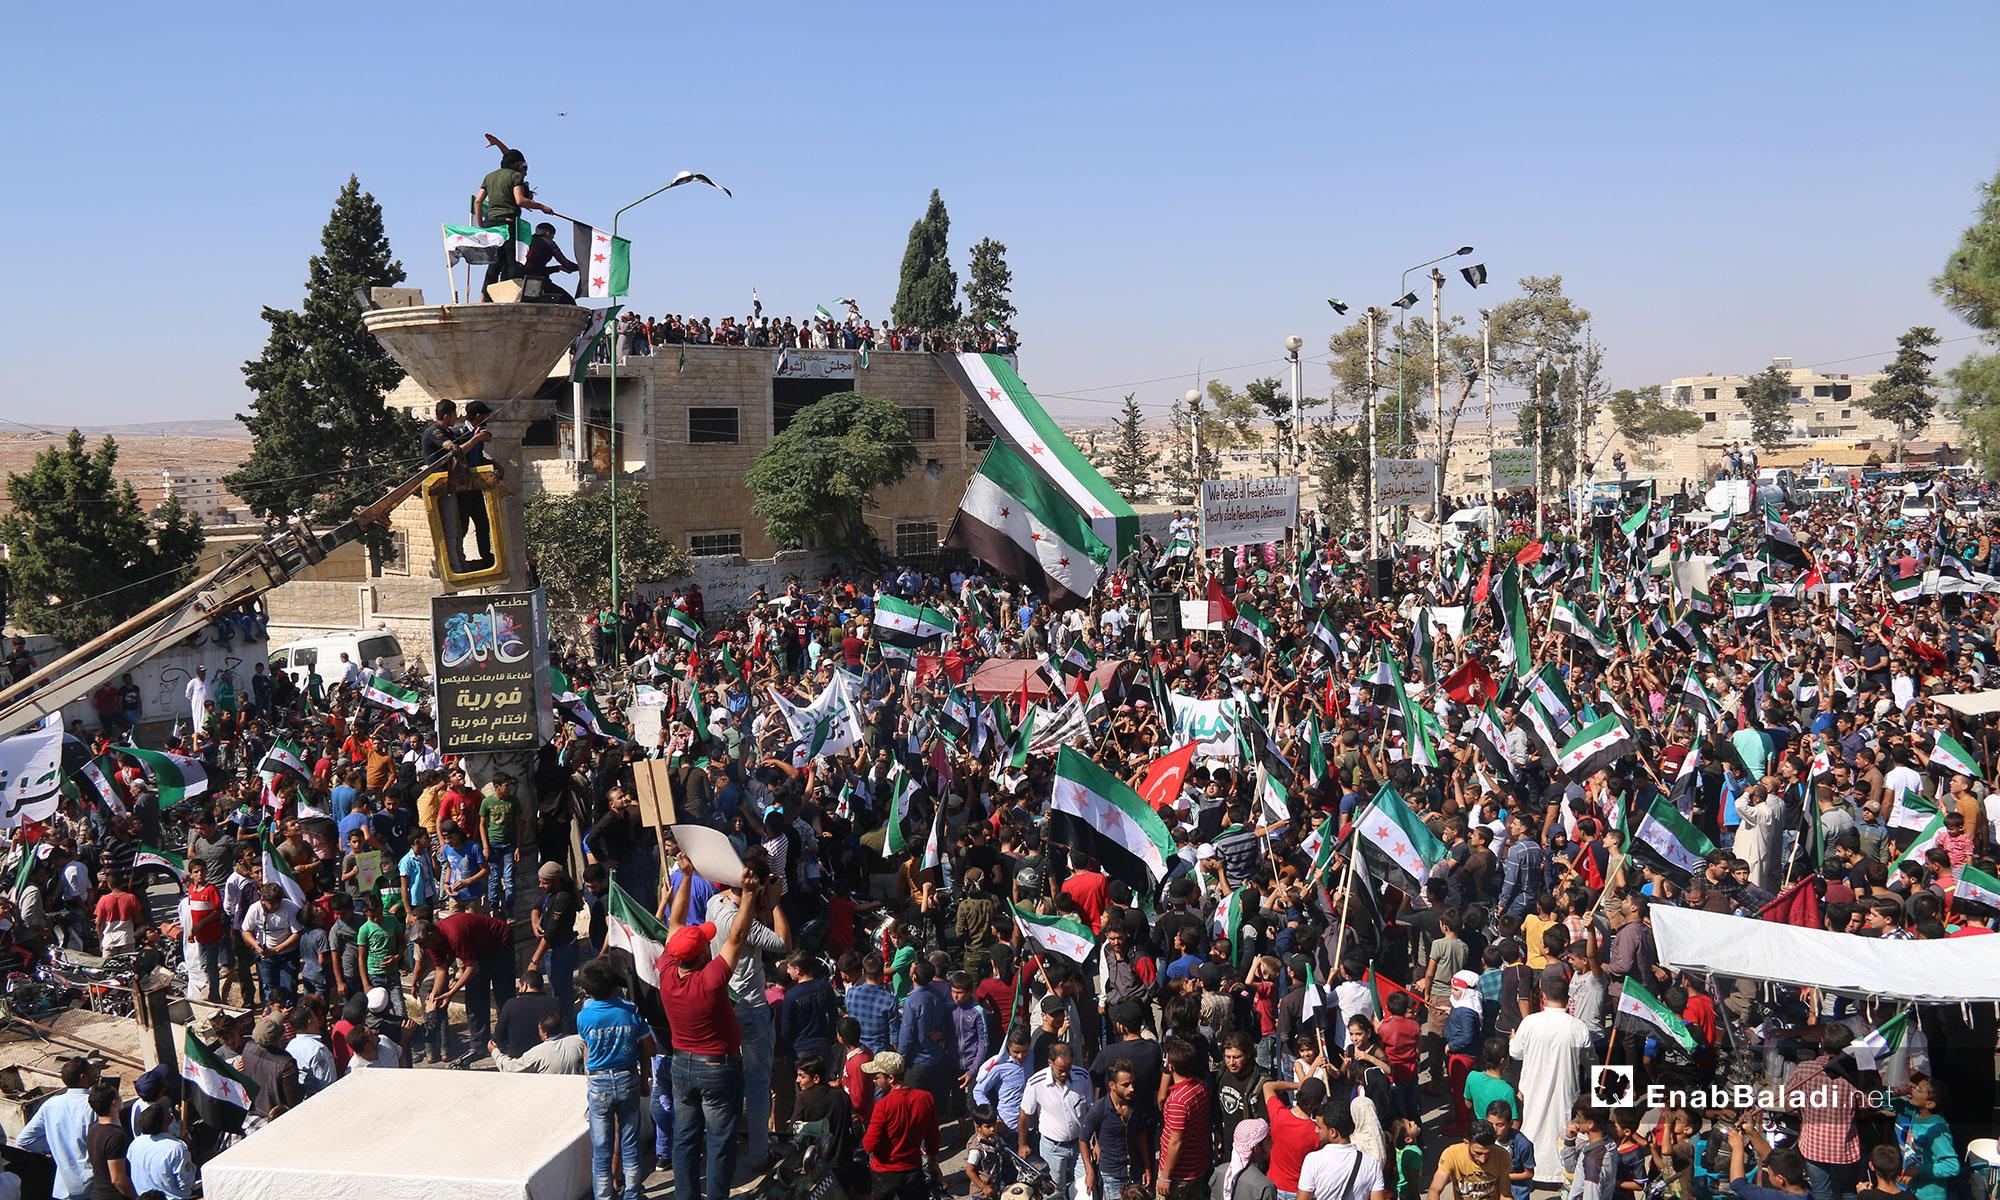 مظاهرات في ريف إدلب تطالب بإخراج المعتقلين من سجون النظام - 28 من أيلول 2018 (عنب بلدي)